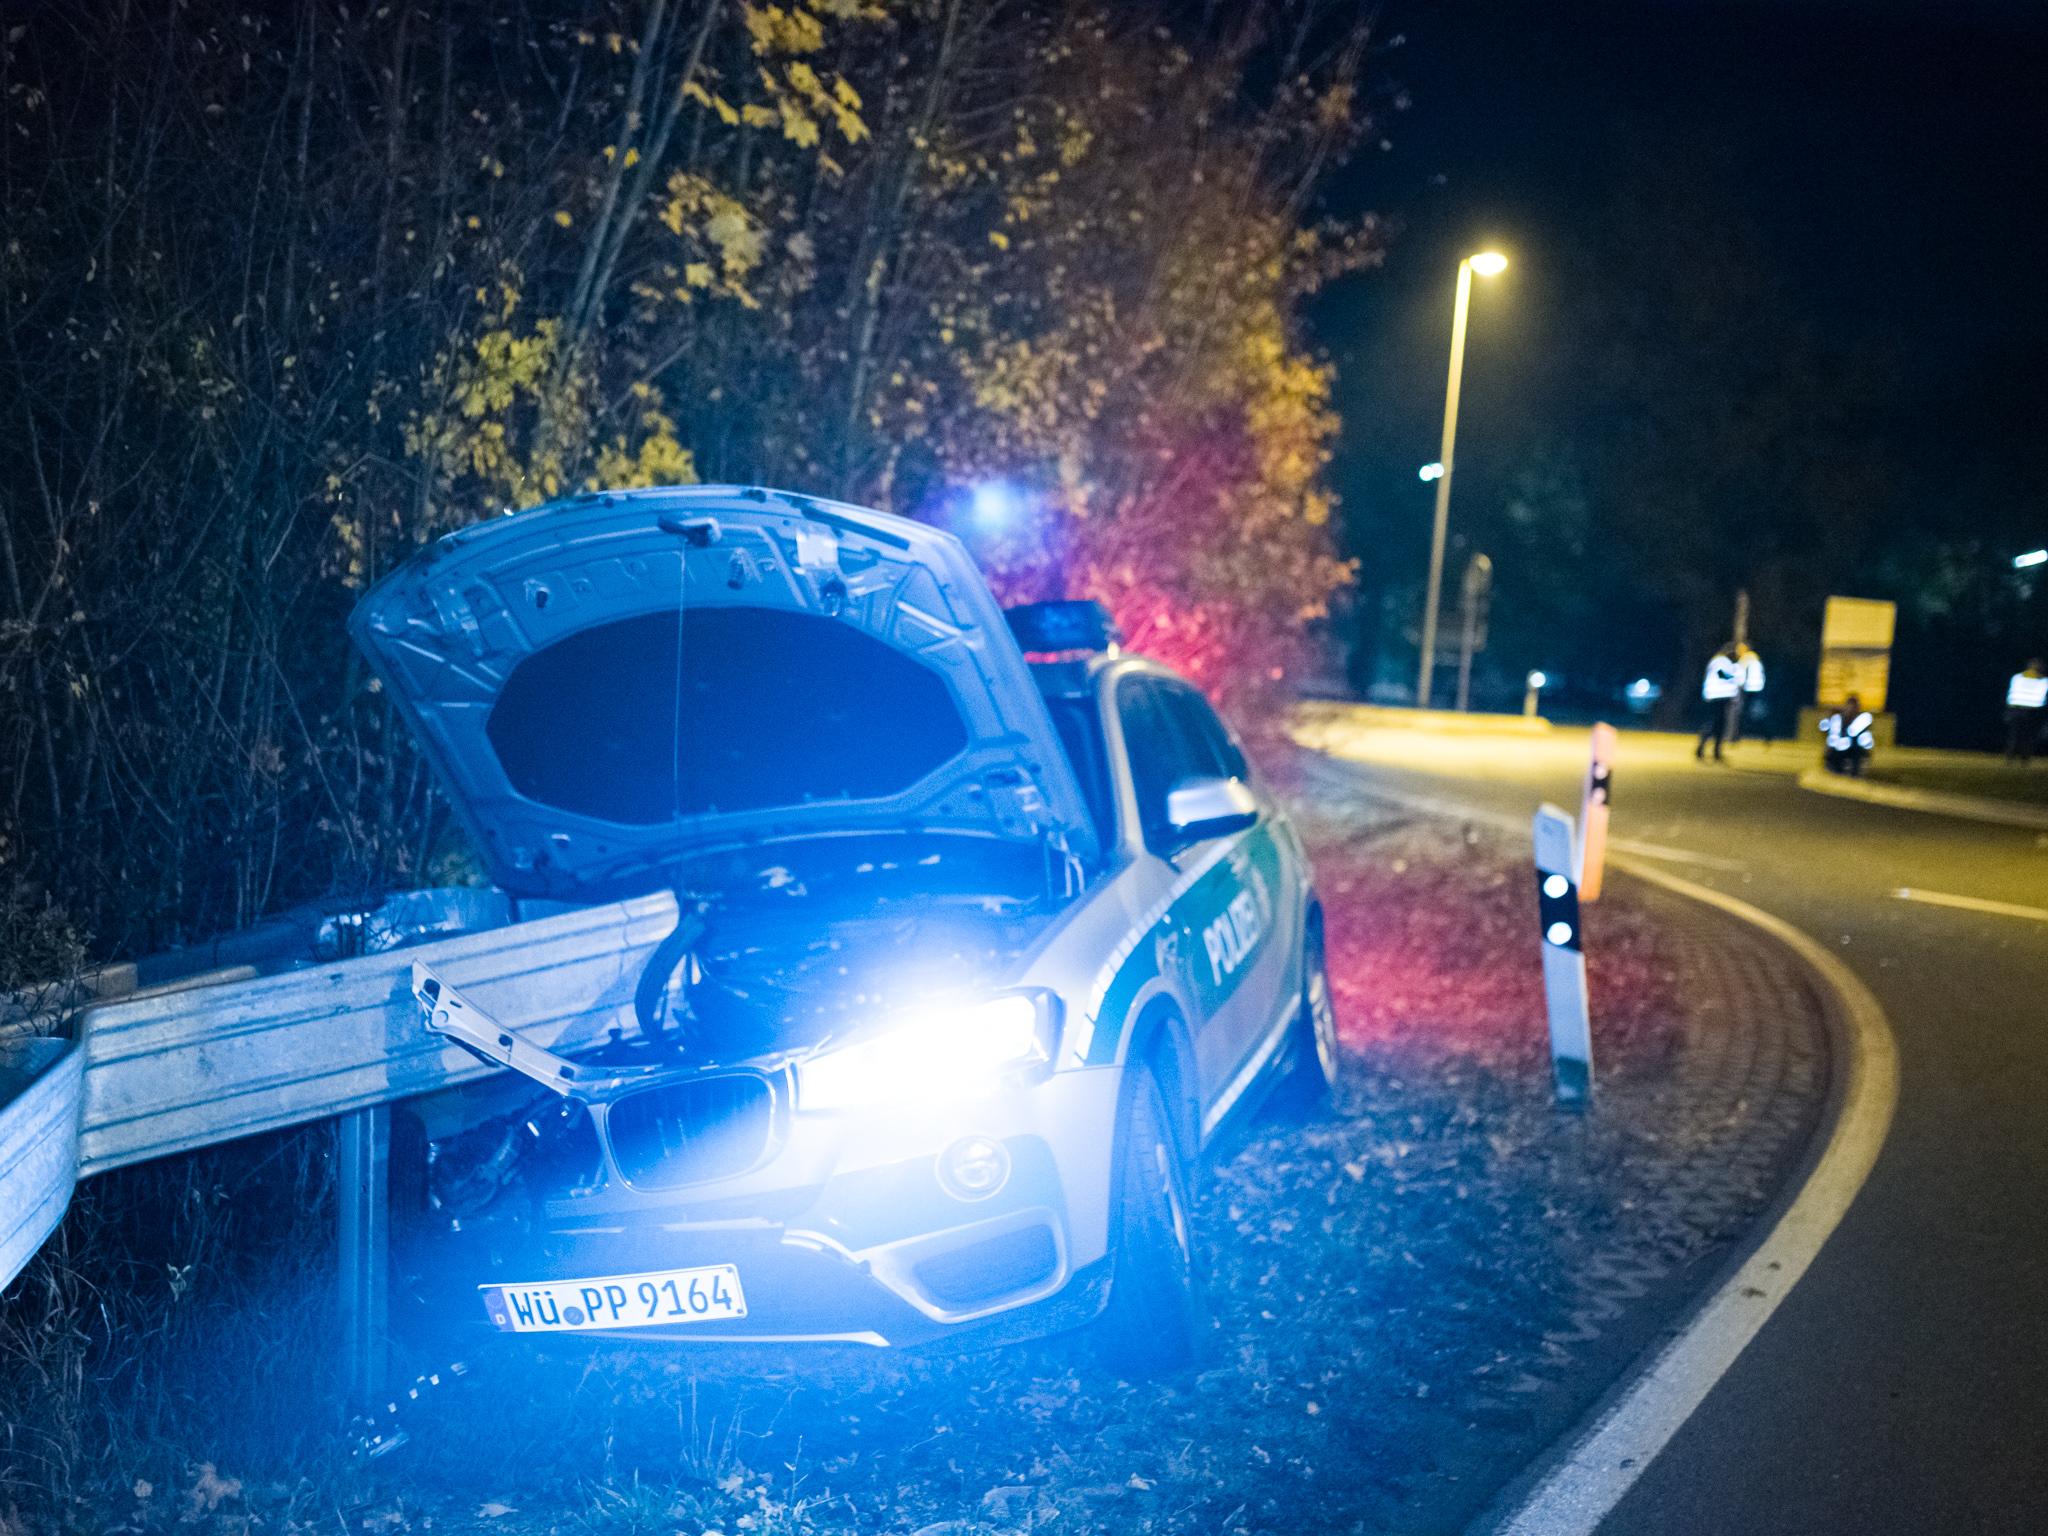 Der Fahrer des nachfolgenden Streifenwagens musste der Szenerie ausweichen, prallte hierbei allerdings in die Leitplanke. Foto: Pascal Höfig